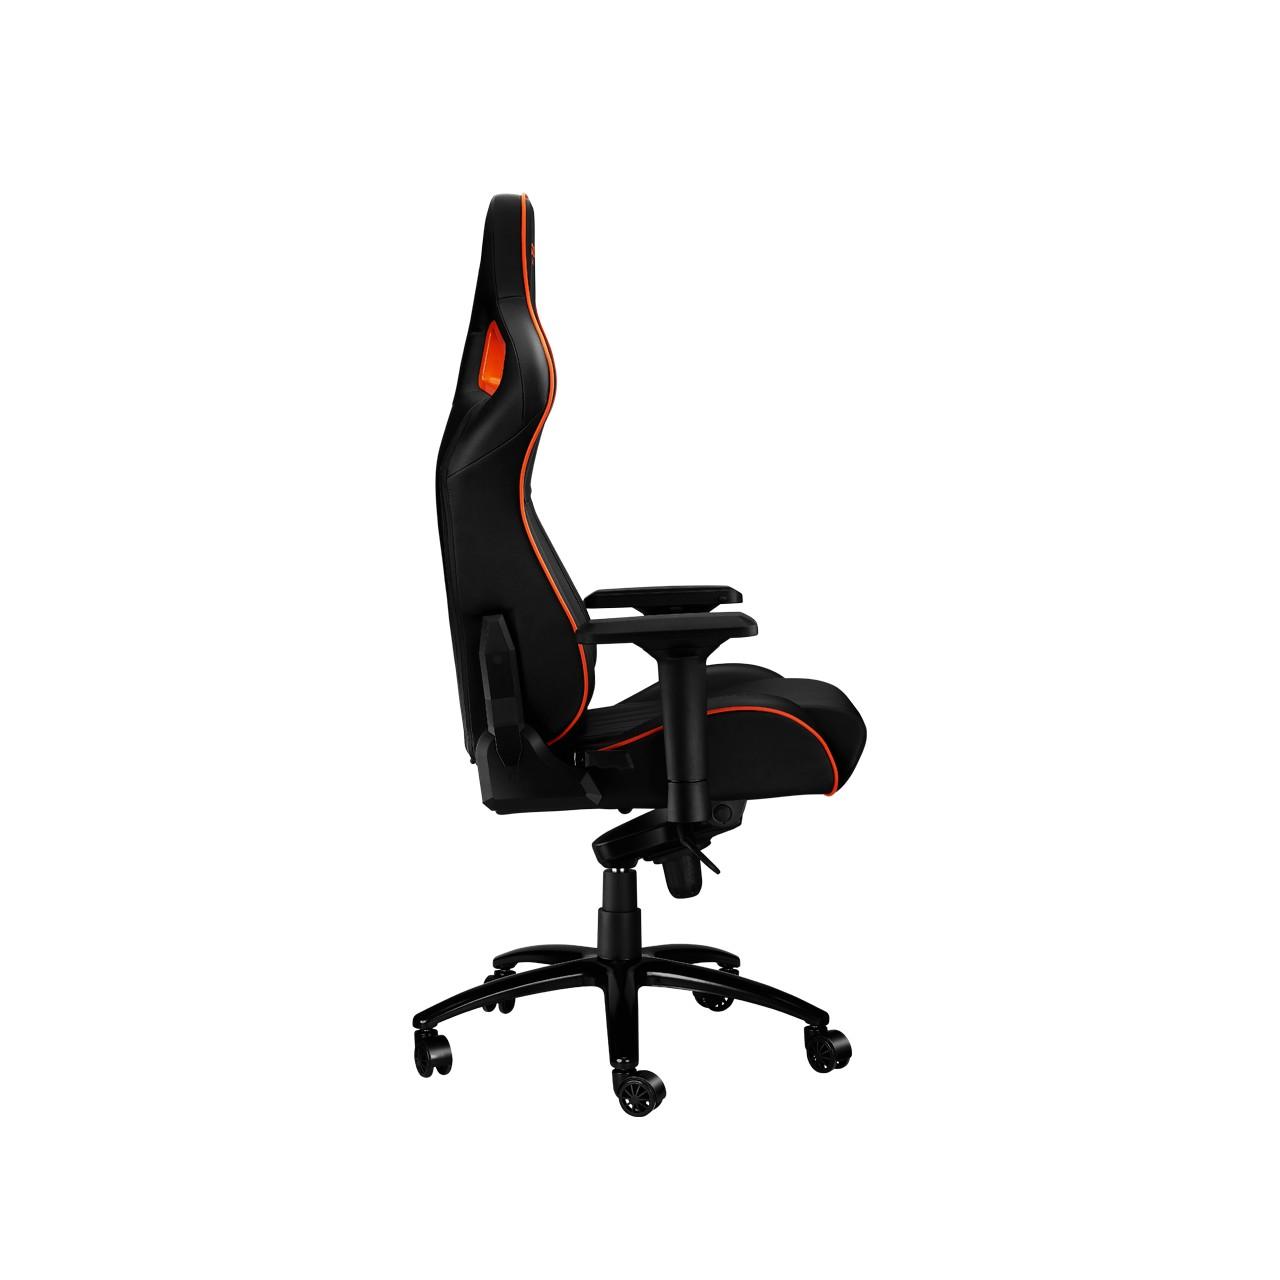 Canyon Corax black/orange gaming chair